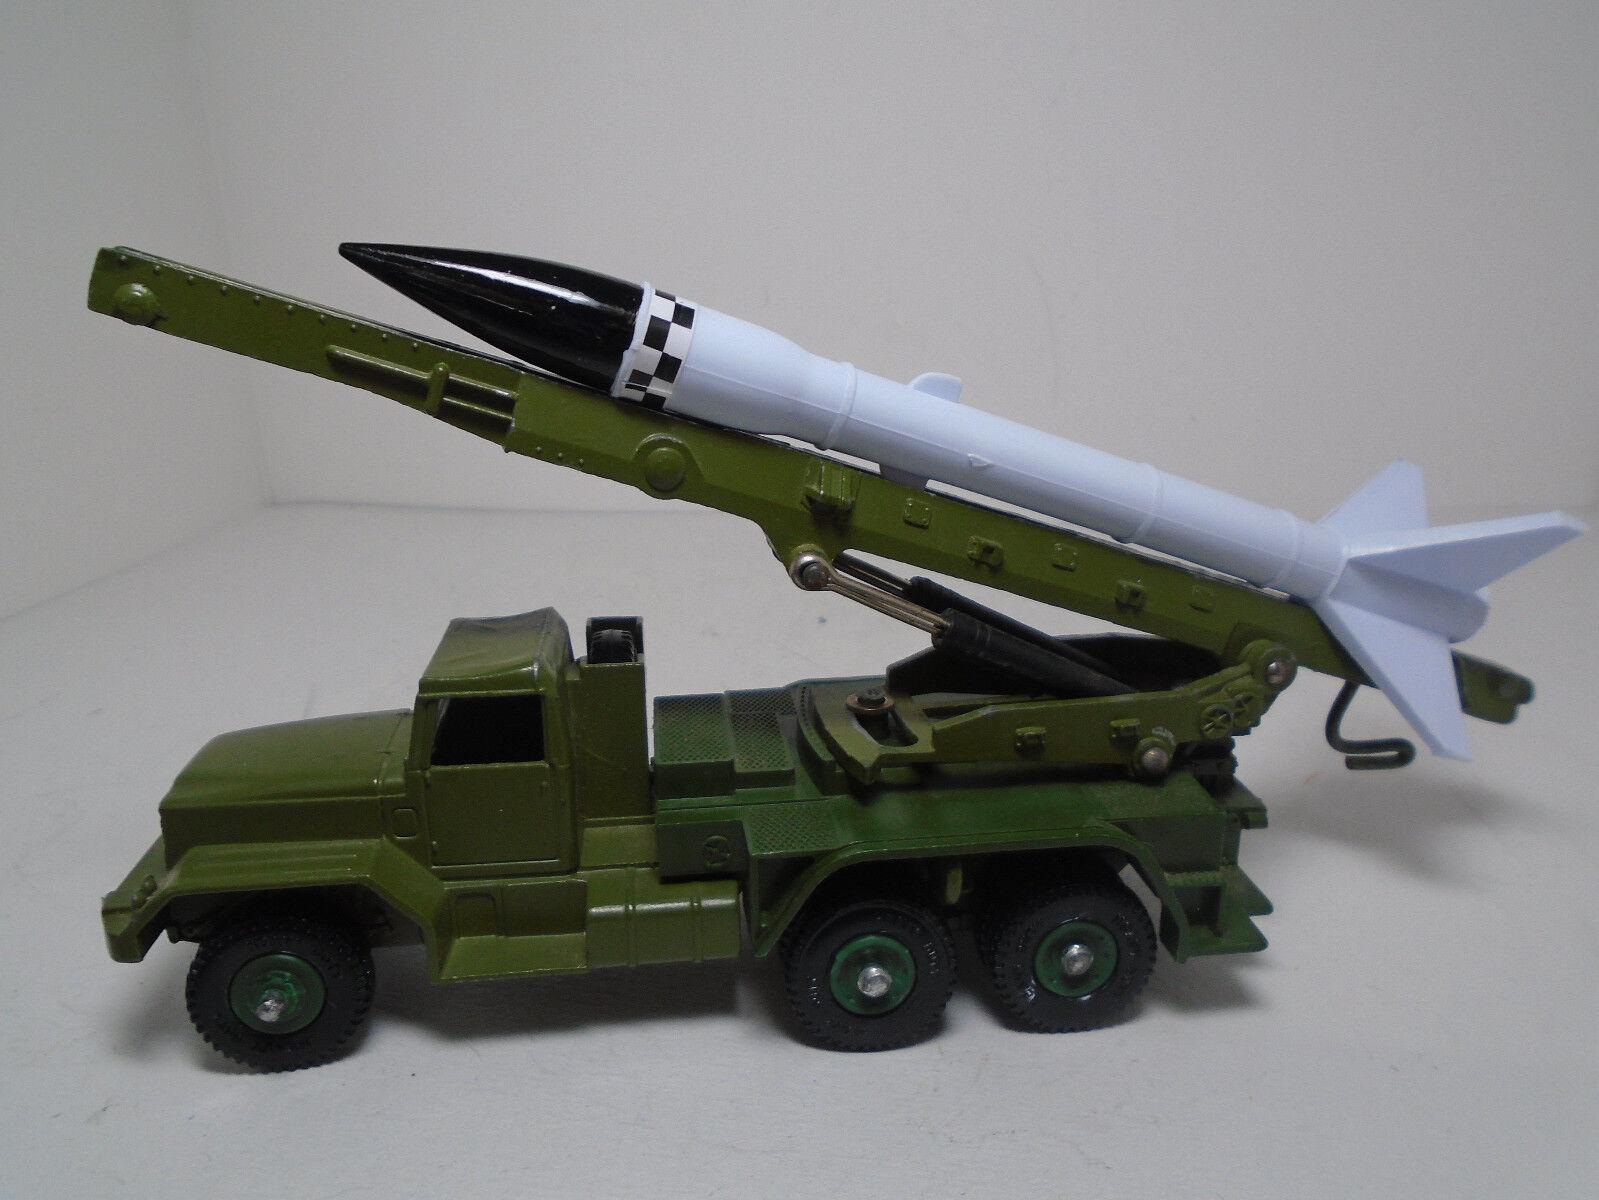 Lindo súper juguete 665, honesto lanzador de misiles John, muy cerca de la menta ¡Lindo súper juguete 665, honesto lanzador de misiles John, muy cerca de la menta